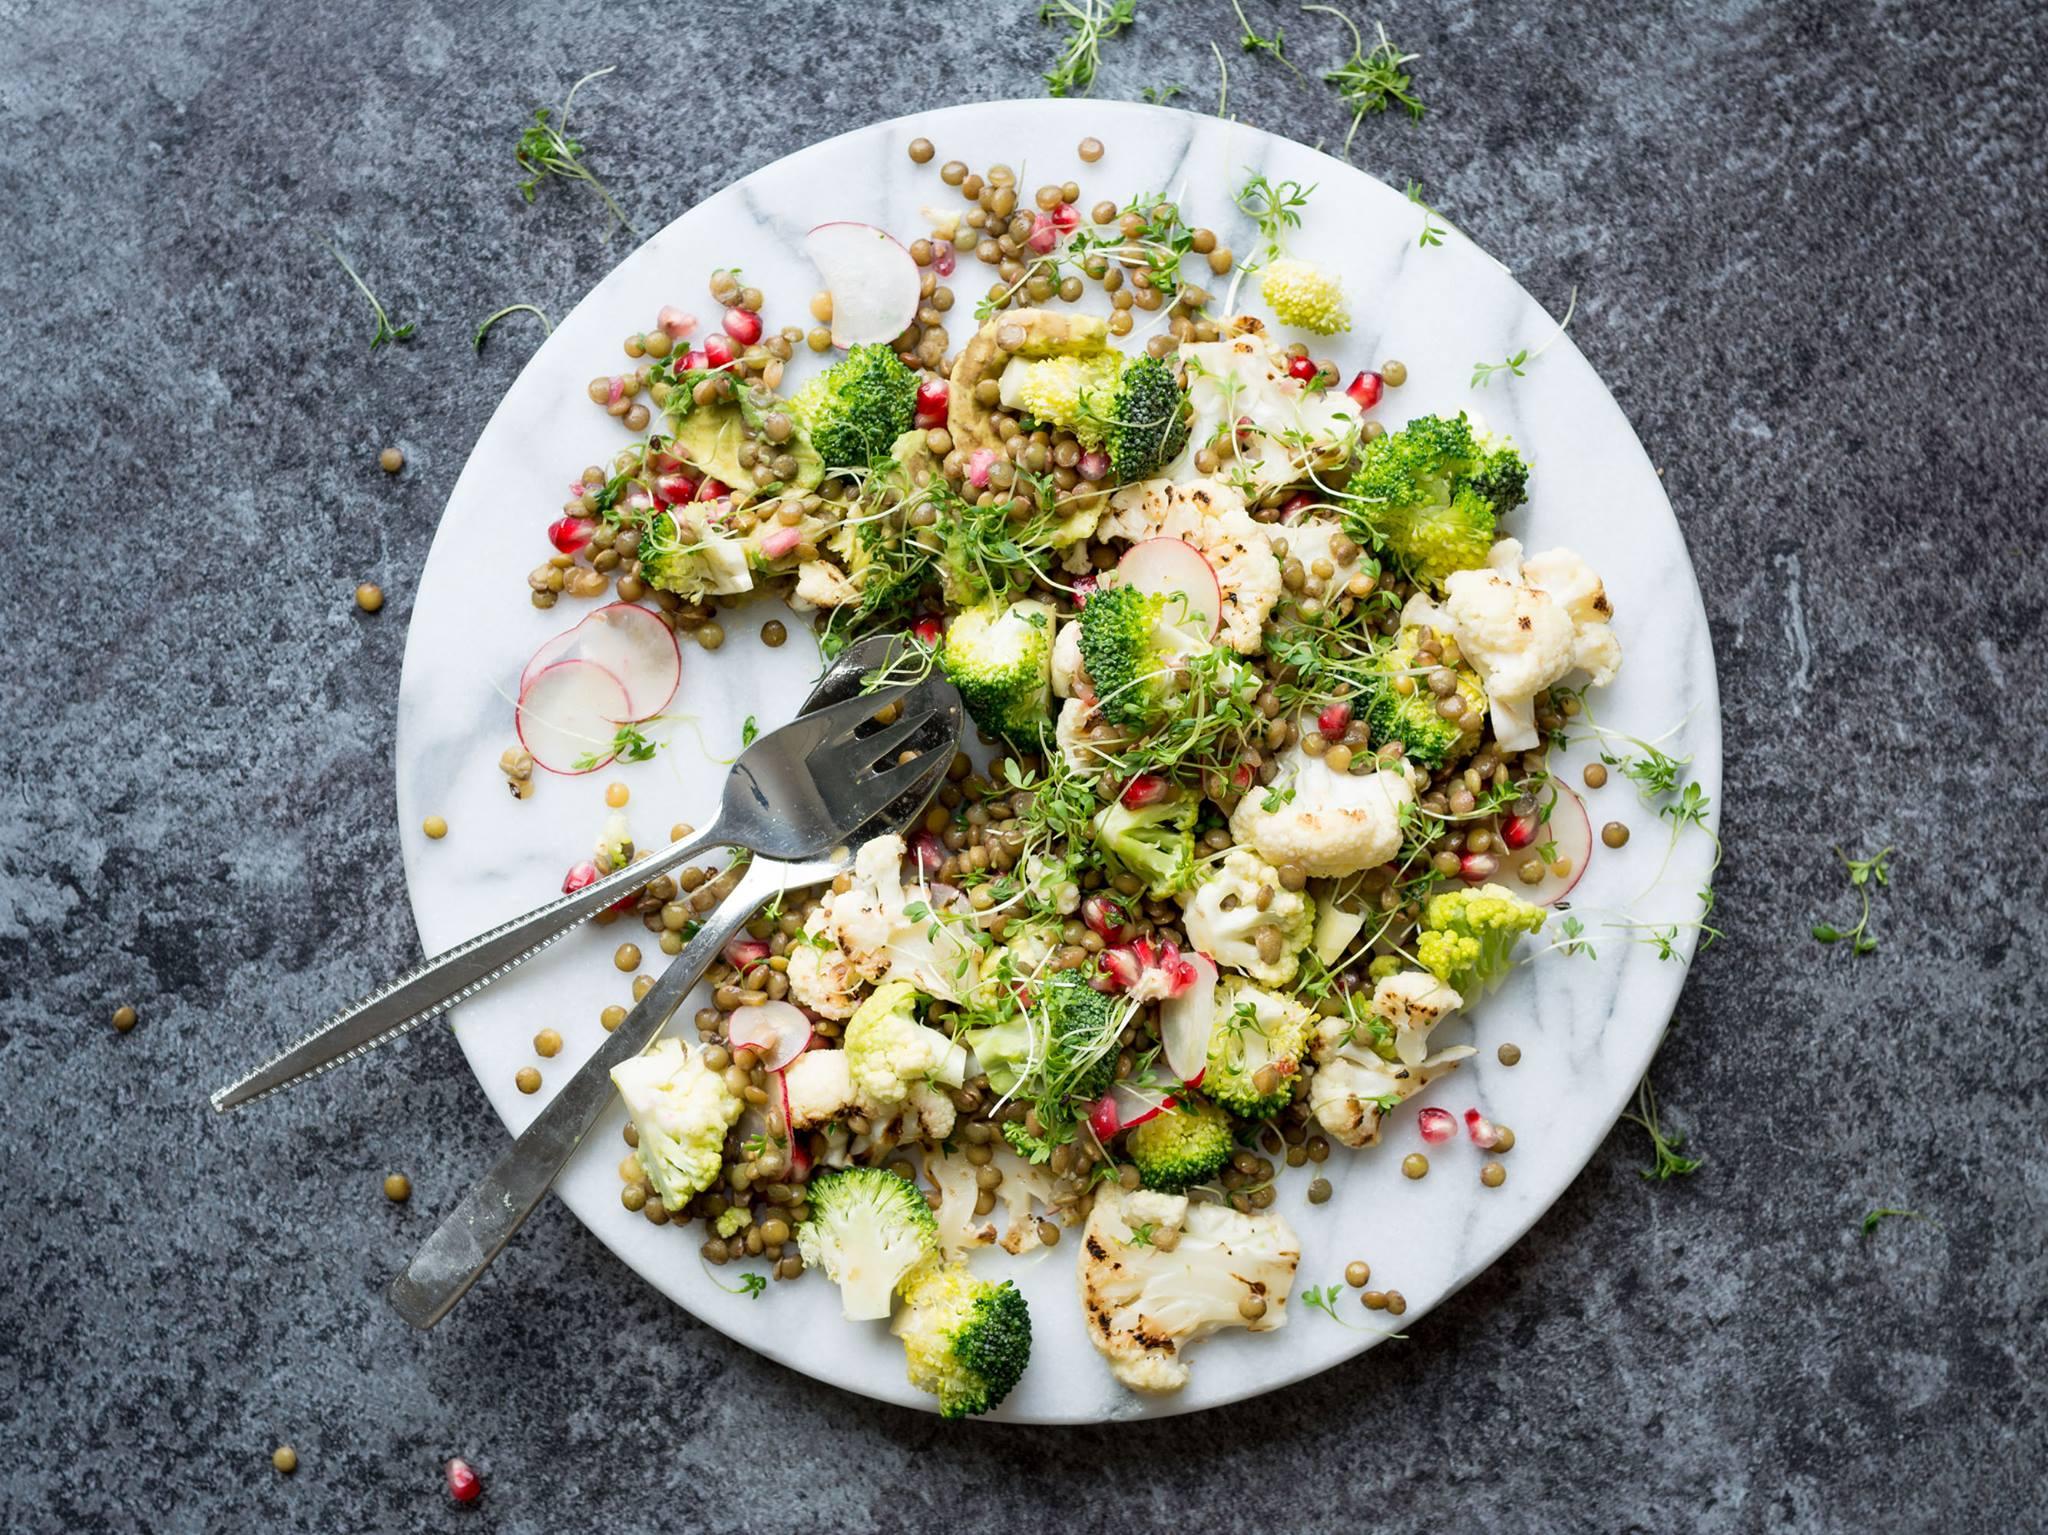 Aufregung auf Nahrungsmittelphotographie